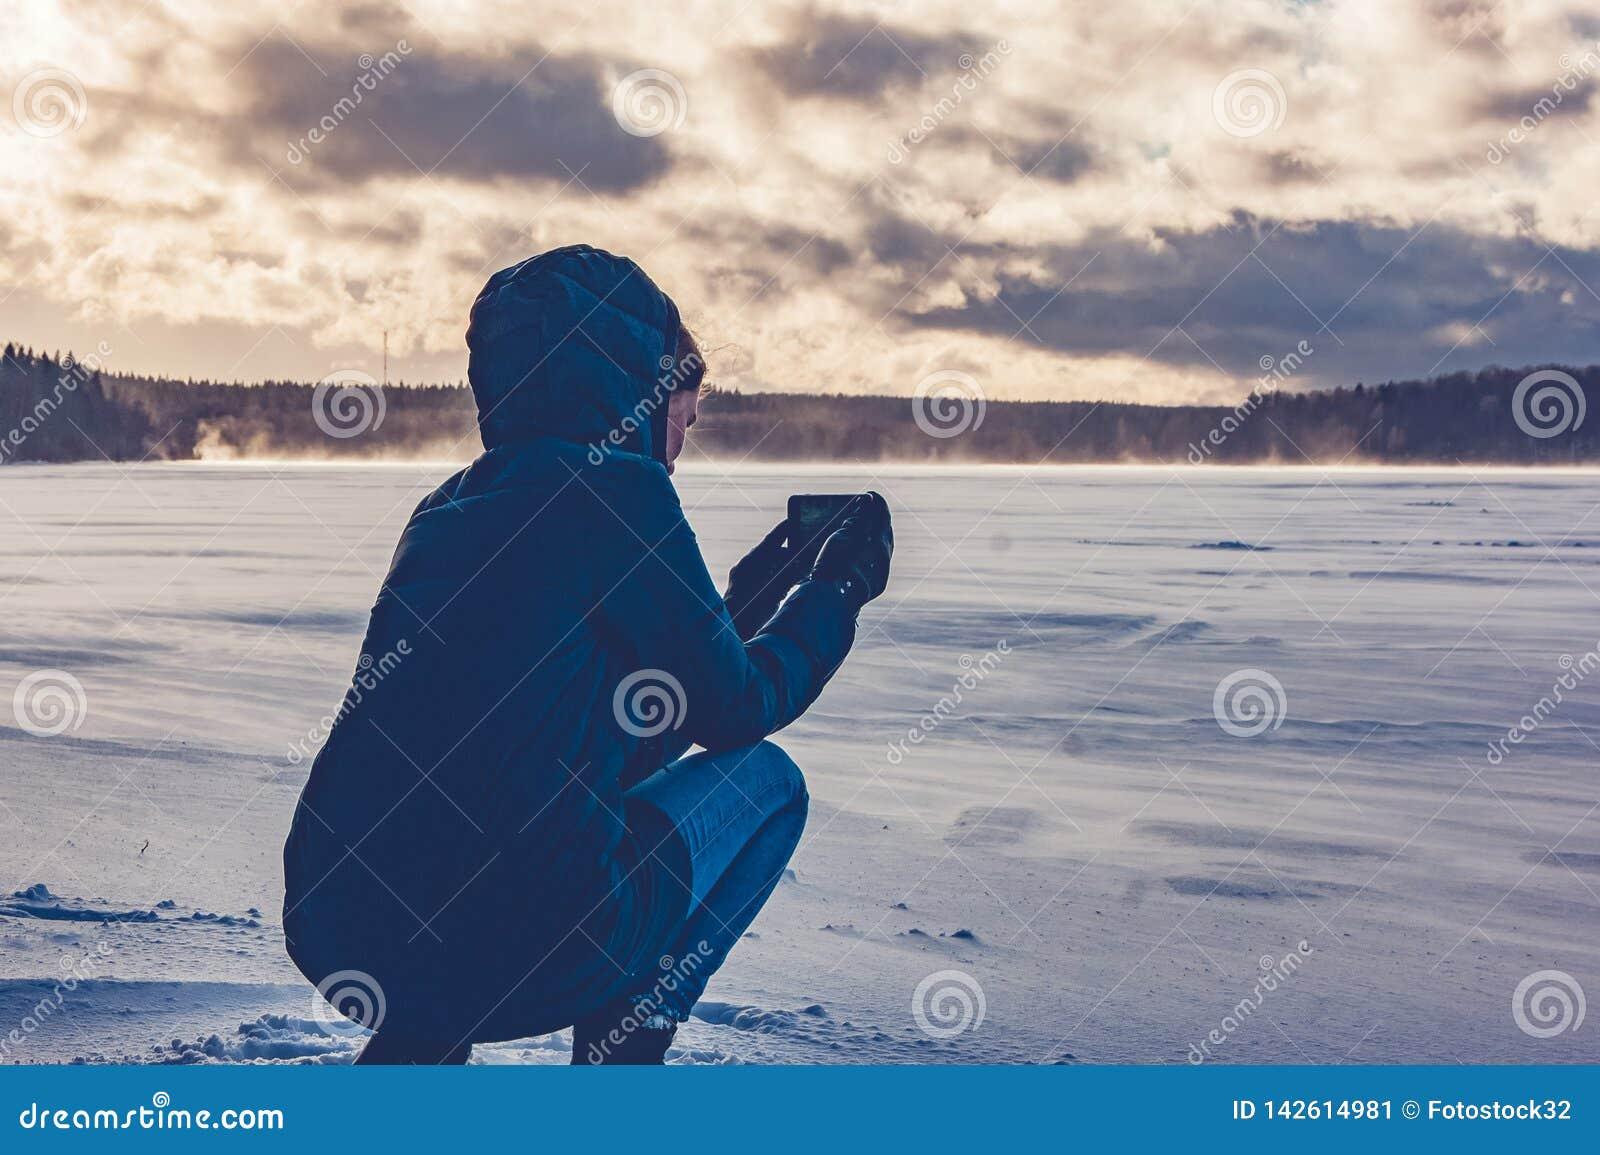 Fotografien eines Mädchens am Telefon ein gefrorener See